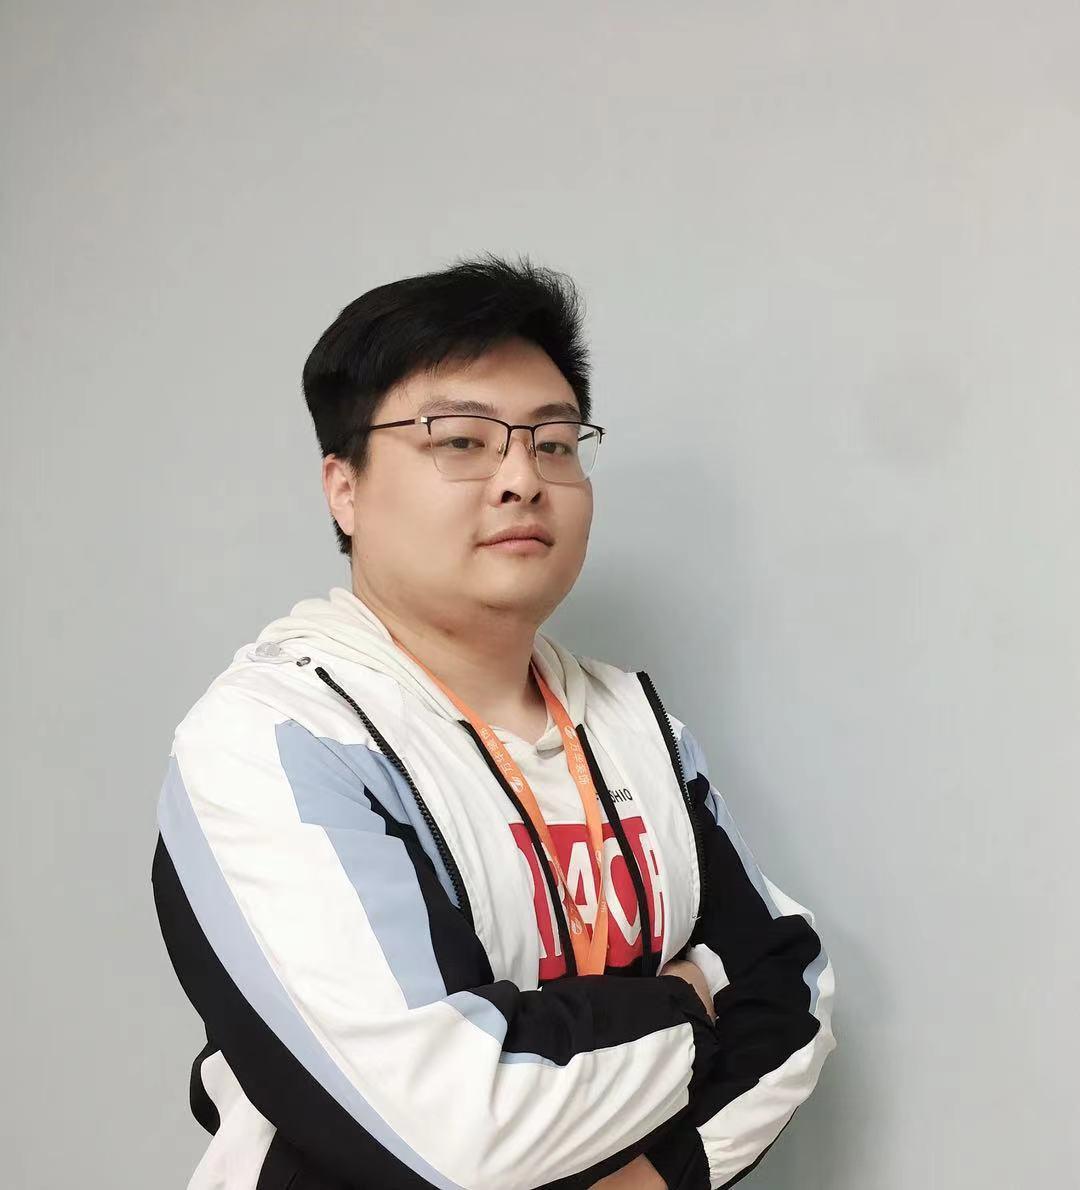 滁州装修设计师李友军